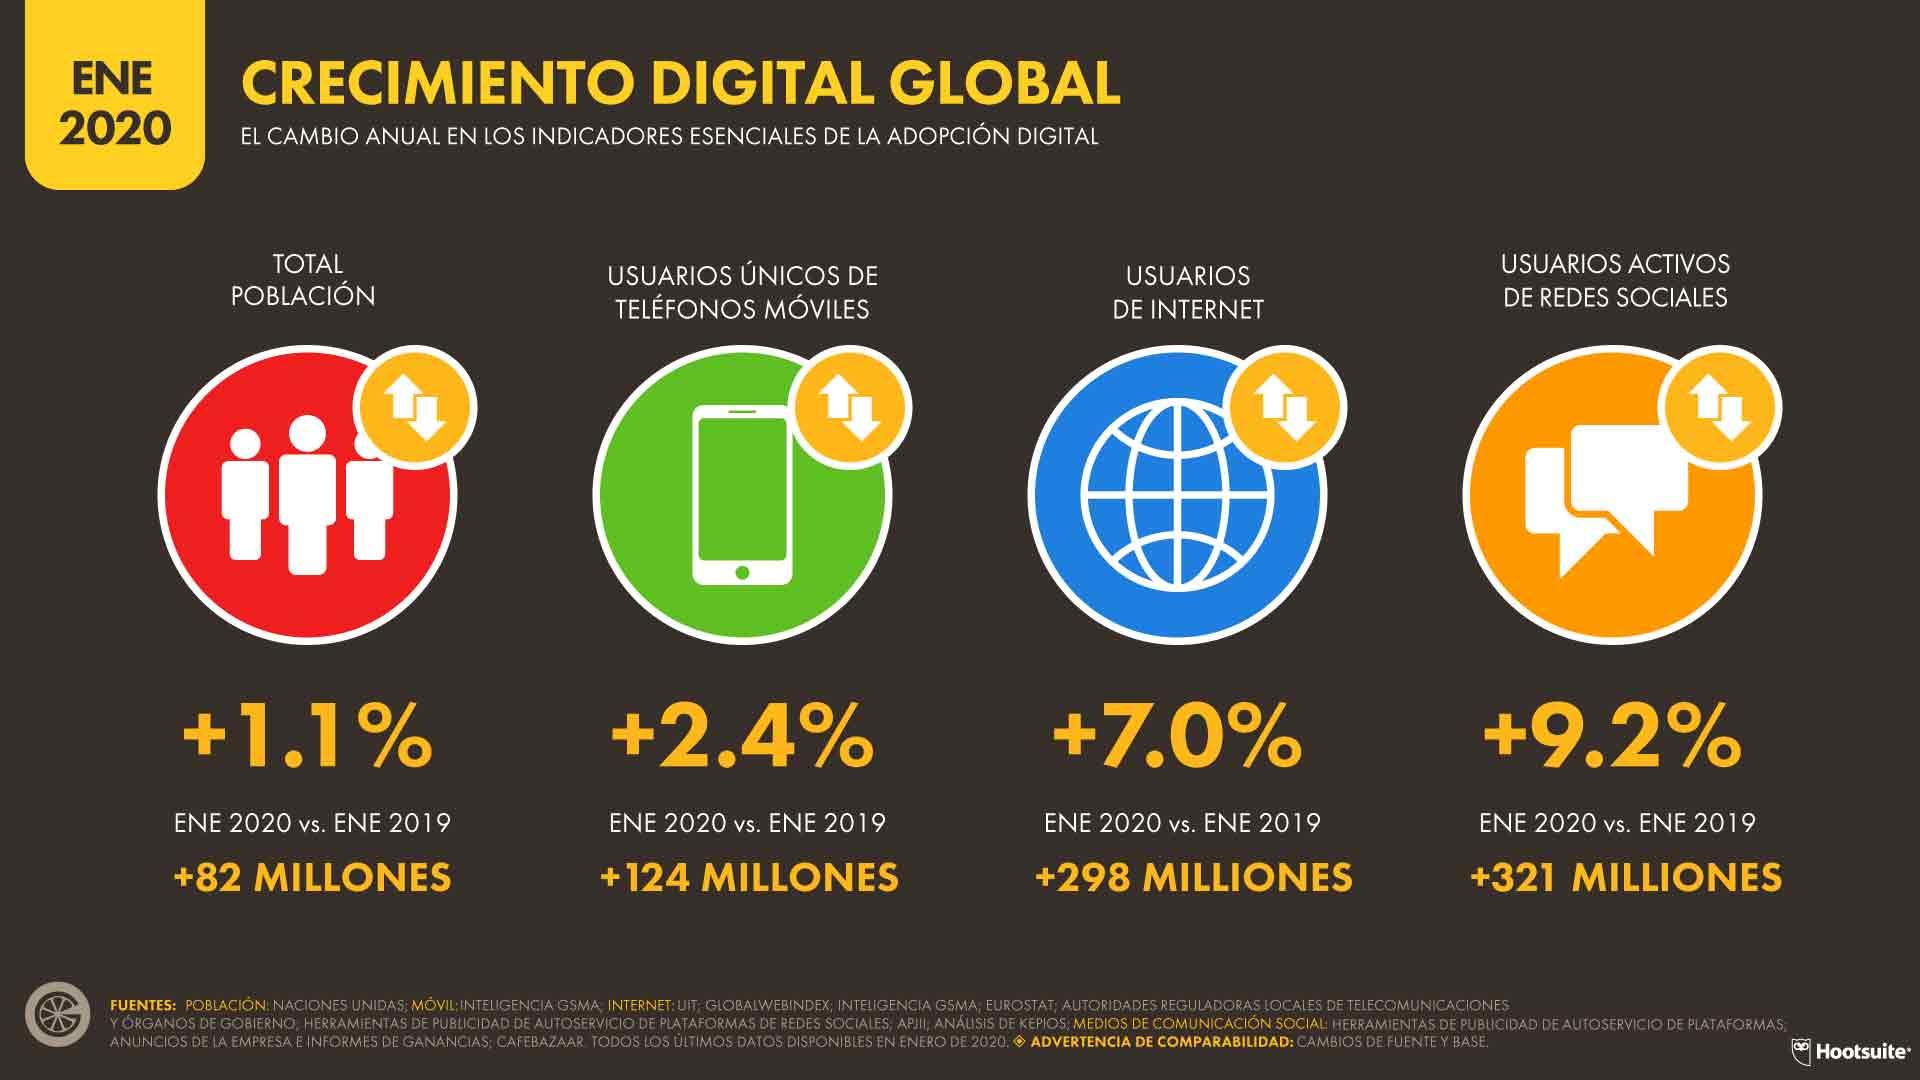 CRECIMIENTO DIGITAL GLOBAL